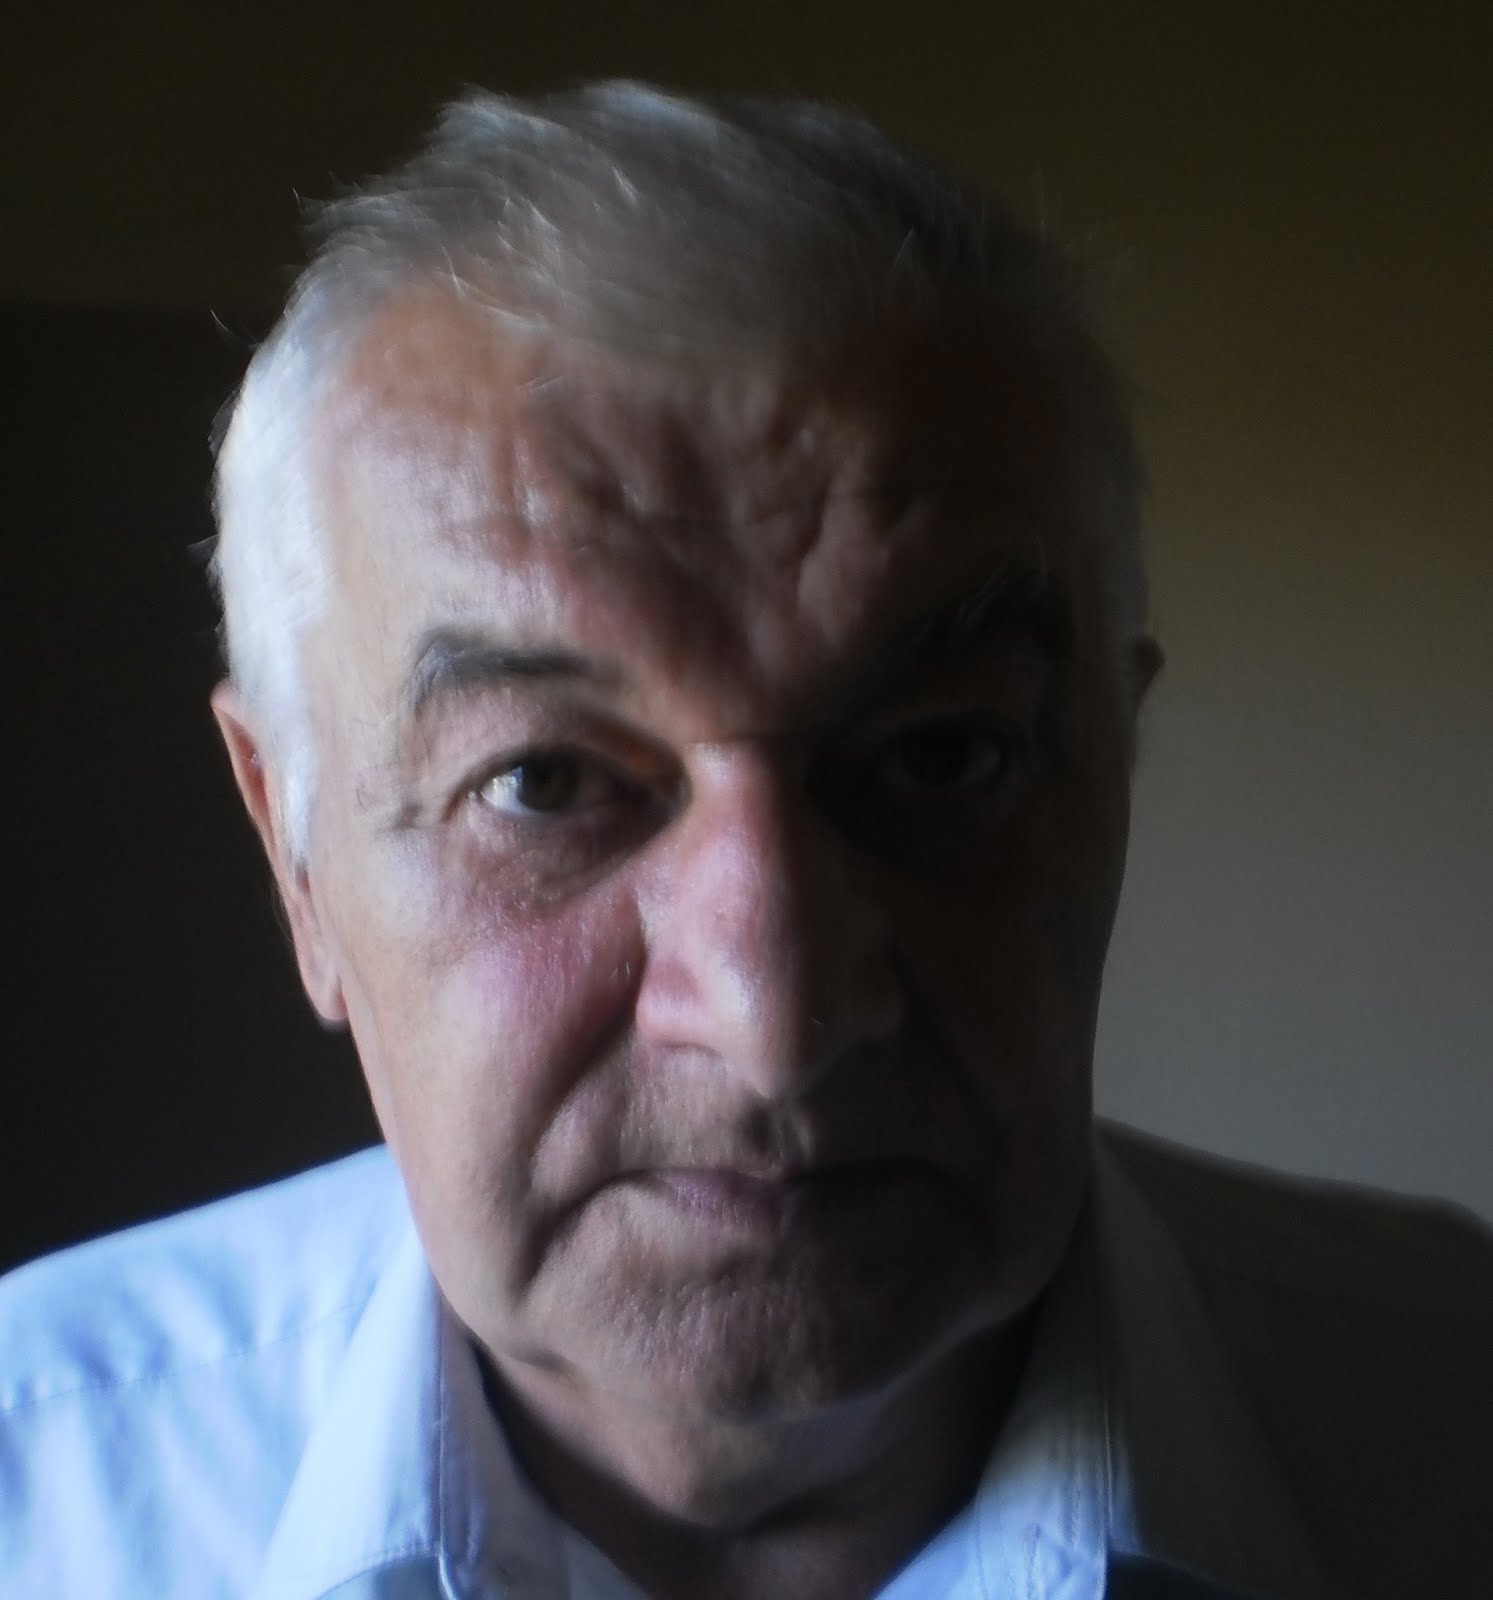 ПОСЛЕДЊА КЊИГА ШТАМПАНА ЗА ЖИВОТА Мирољуба Милановића